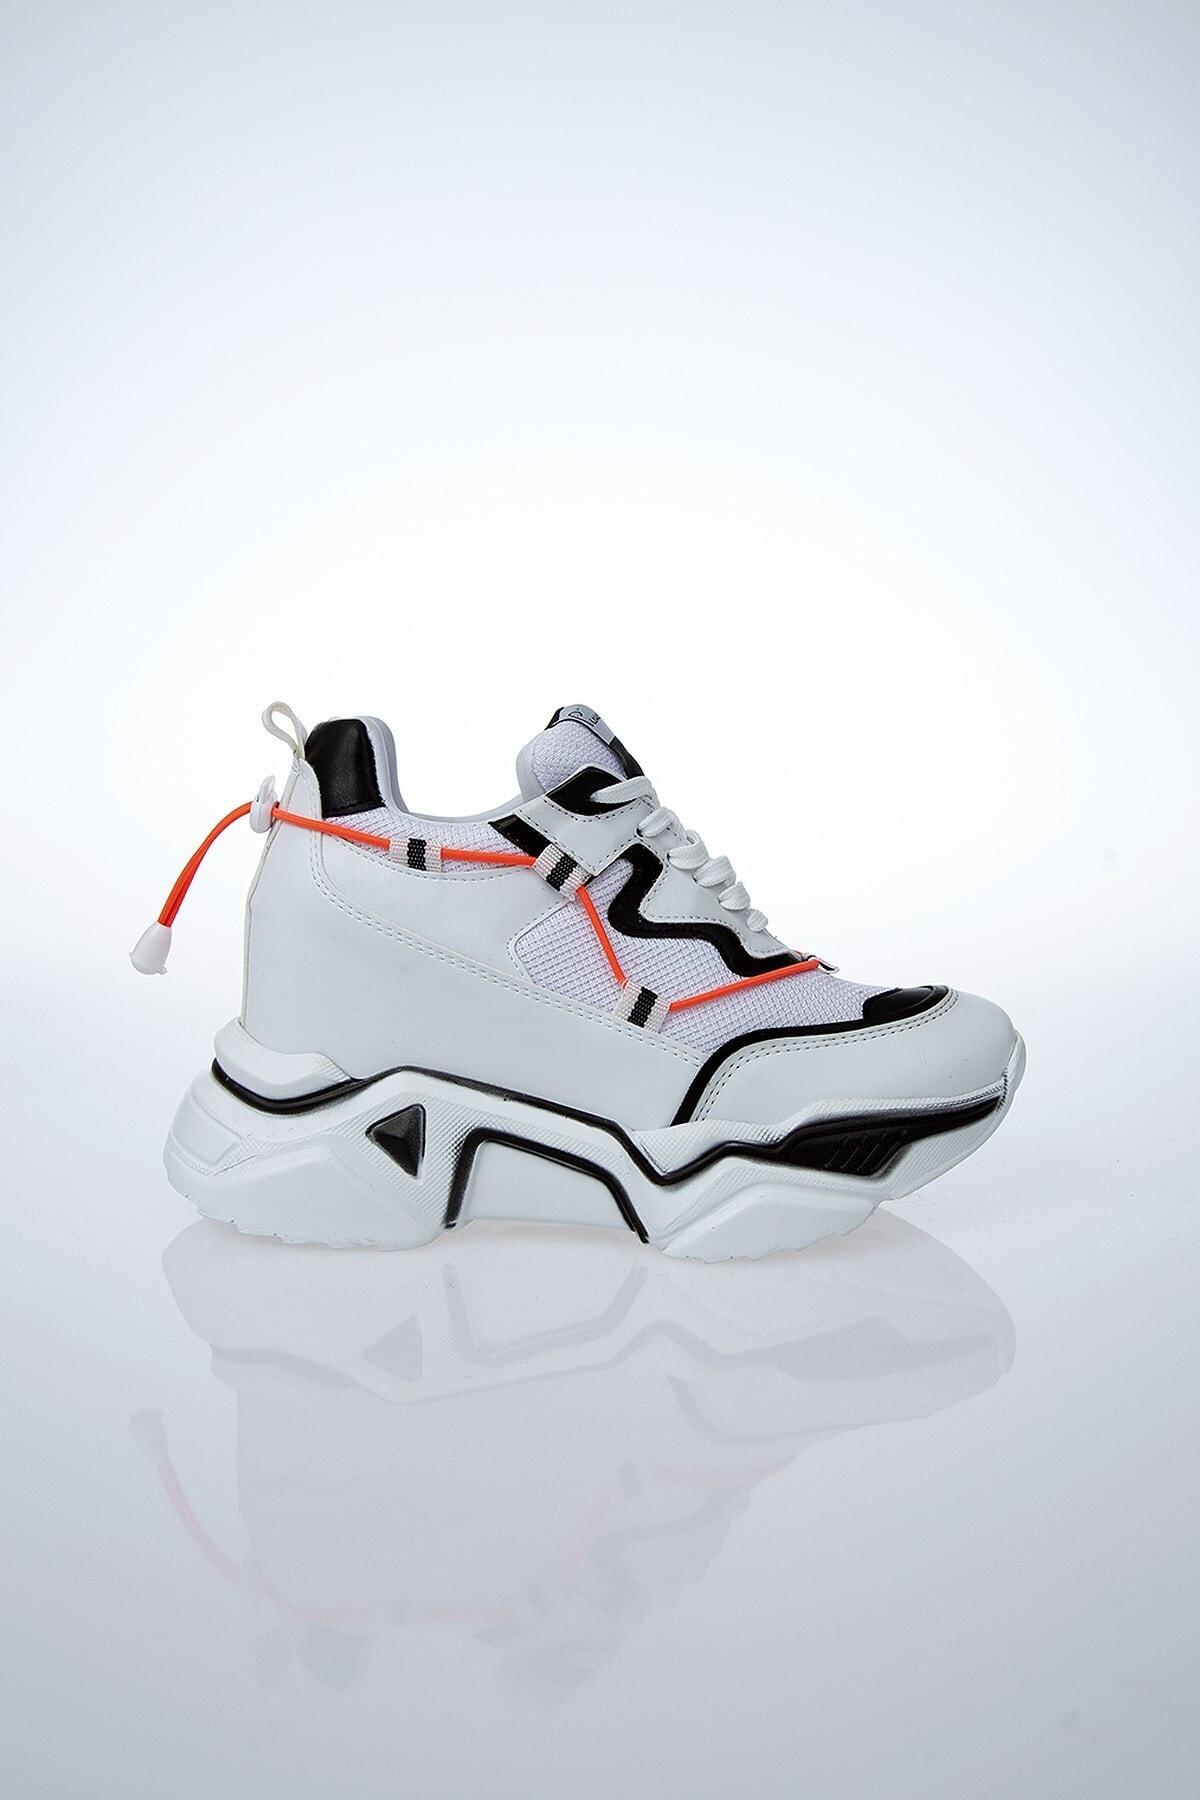 Pierre Cardin PC-30192 Beyaz-Siyah Kadın Spor Ayakkabı 1